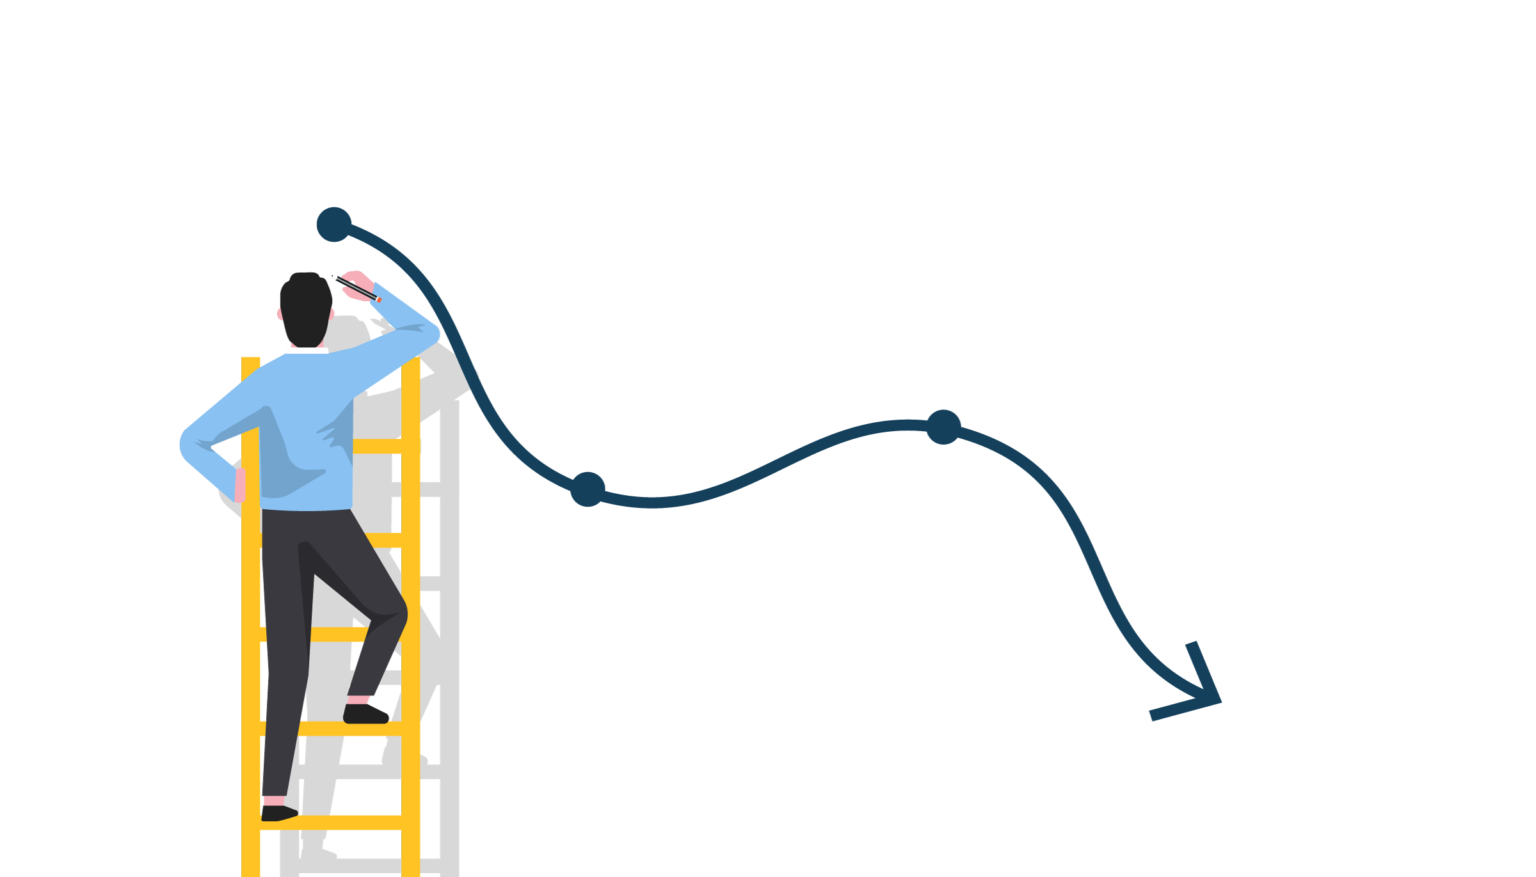 personnage sur une échelle traçant une courbe baissière